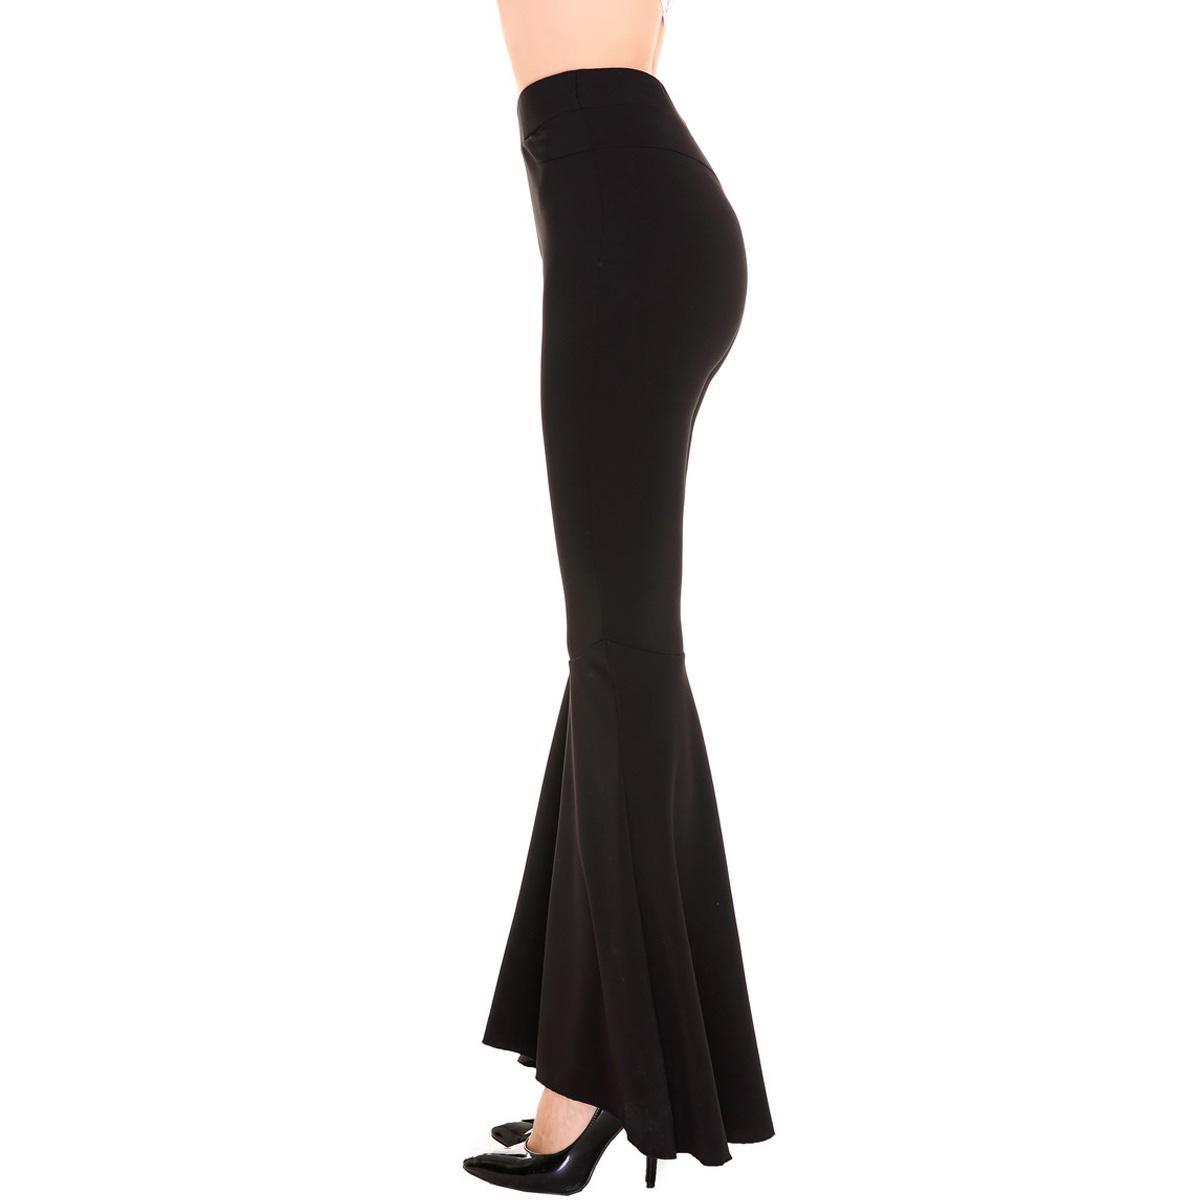 Schwarze hose damen elegant